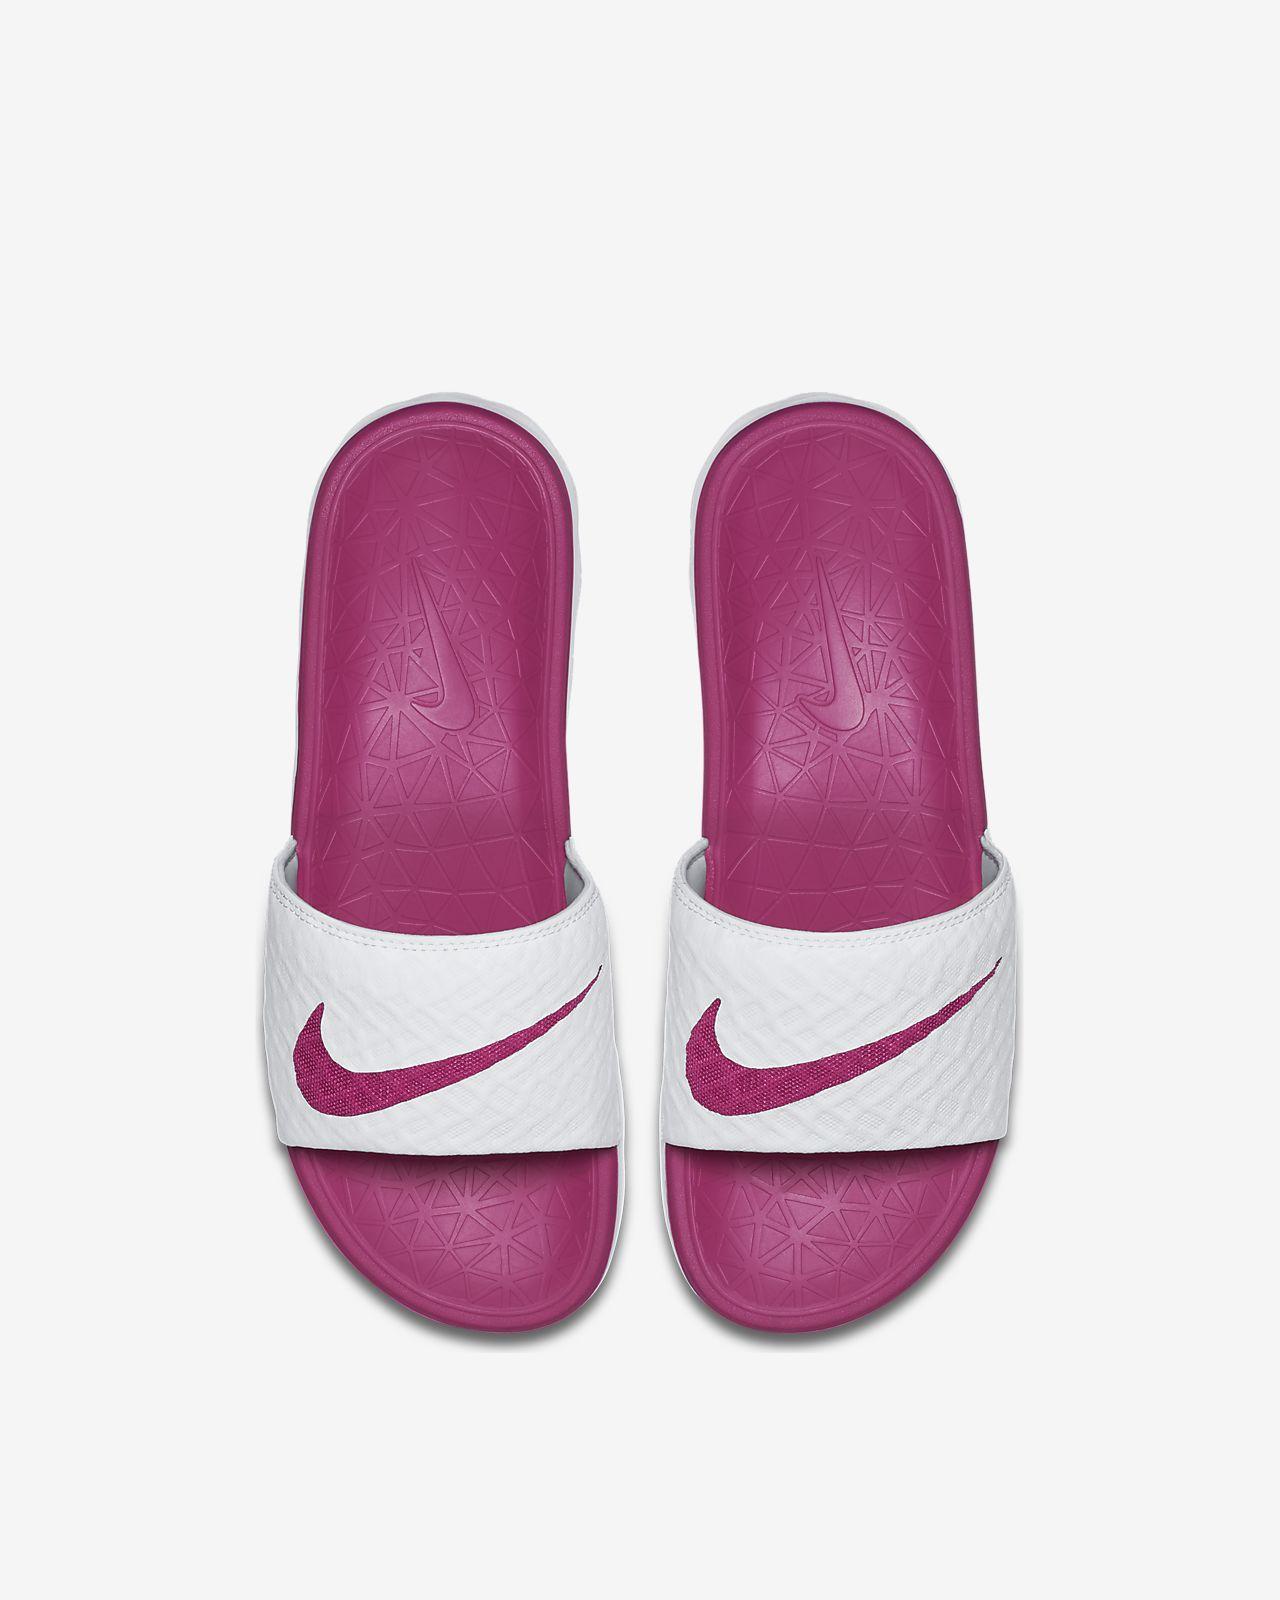 e9546d325 Nike Benassi Solarsoft 2 Women's Slide. Nike.com